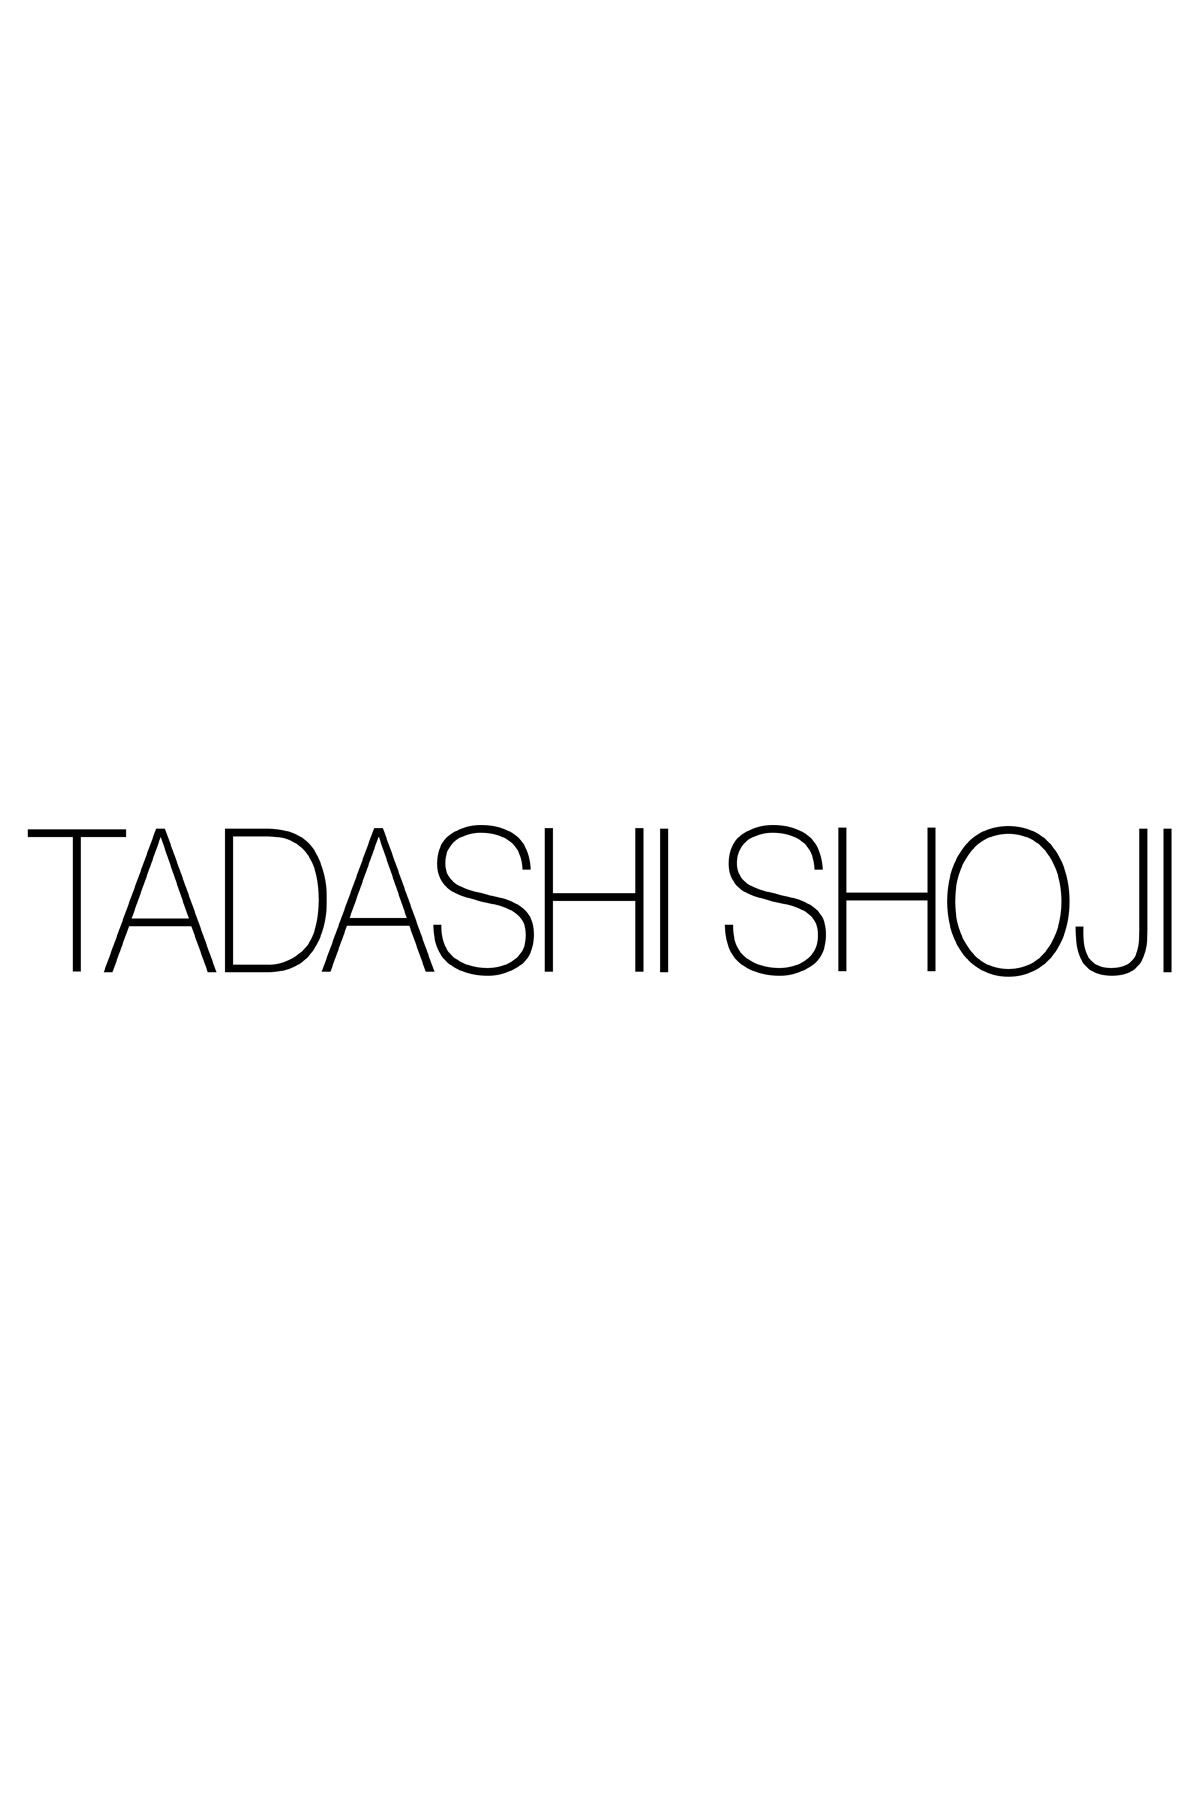 Tadashi Shoji - Hersilia Floral Headpiece